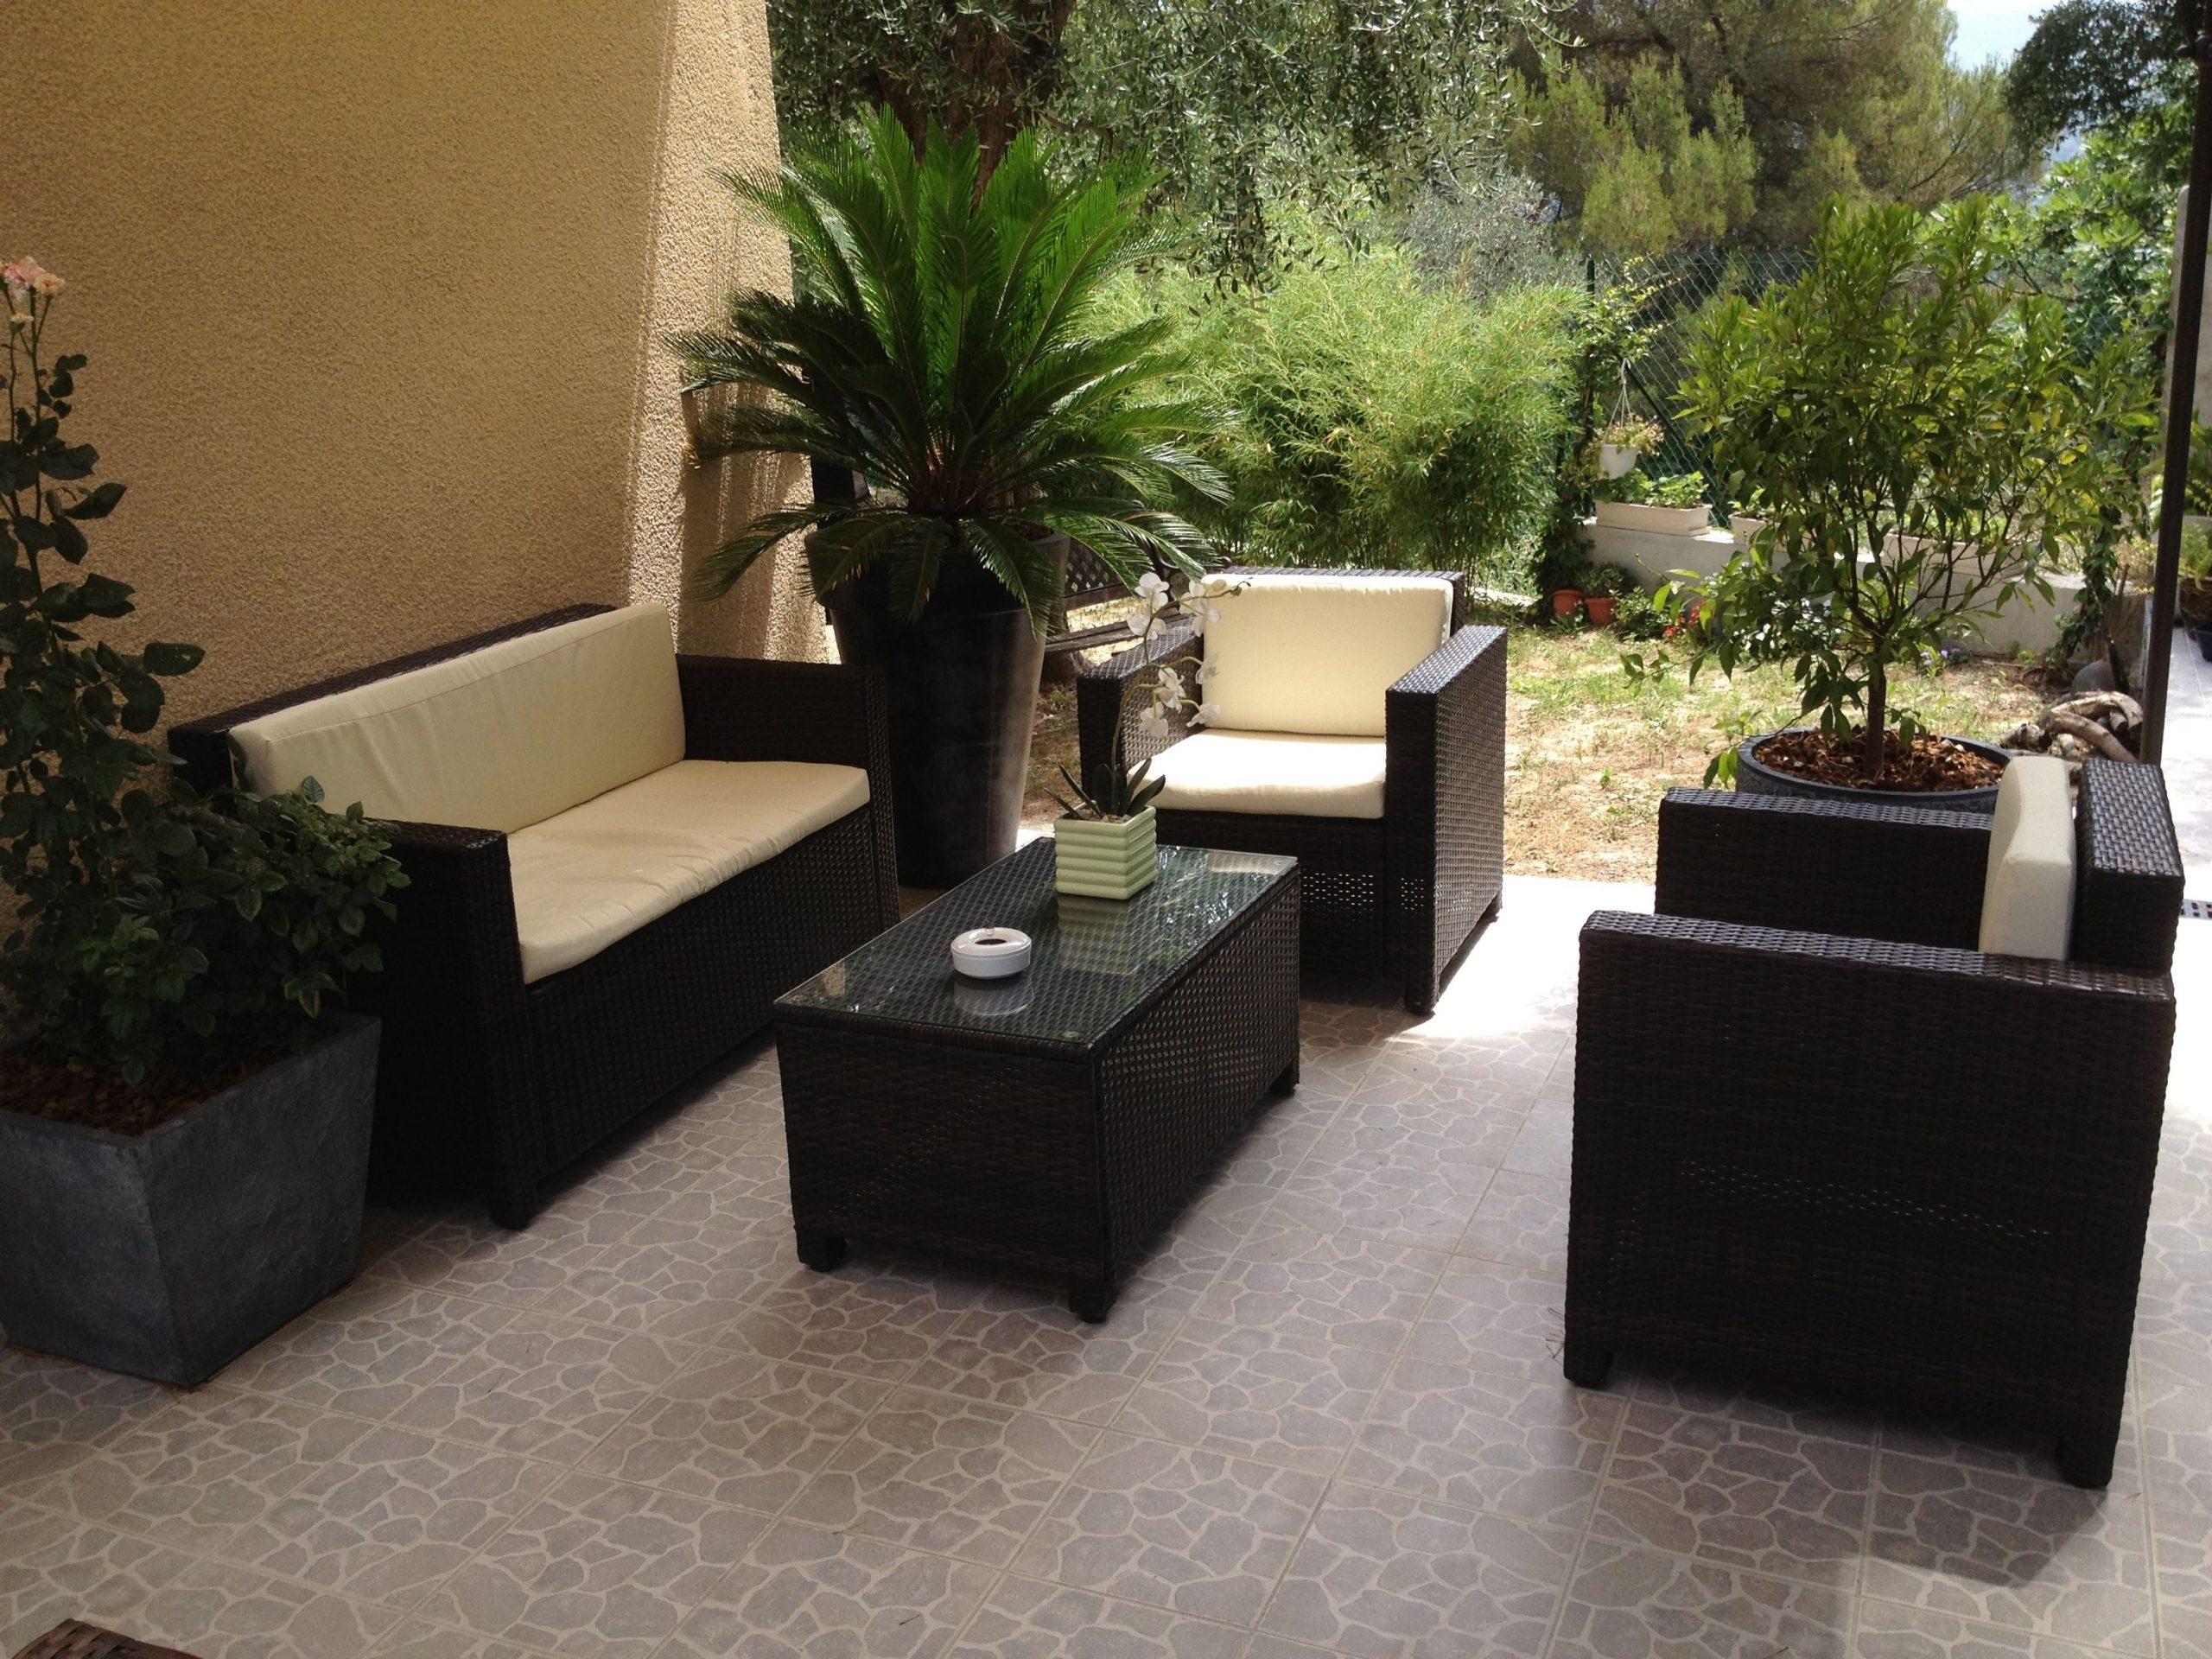 Salon De Jardin Perugia Alice's Garden #terrasse #jardin ... avec Alice Garden Salon De Jardin